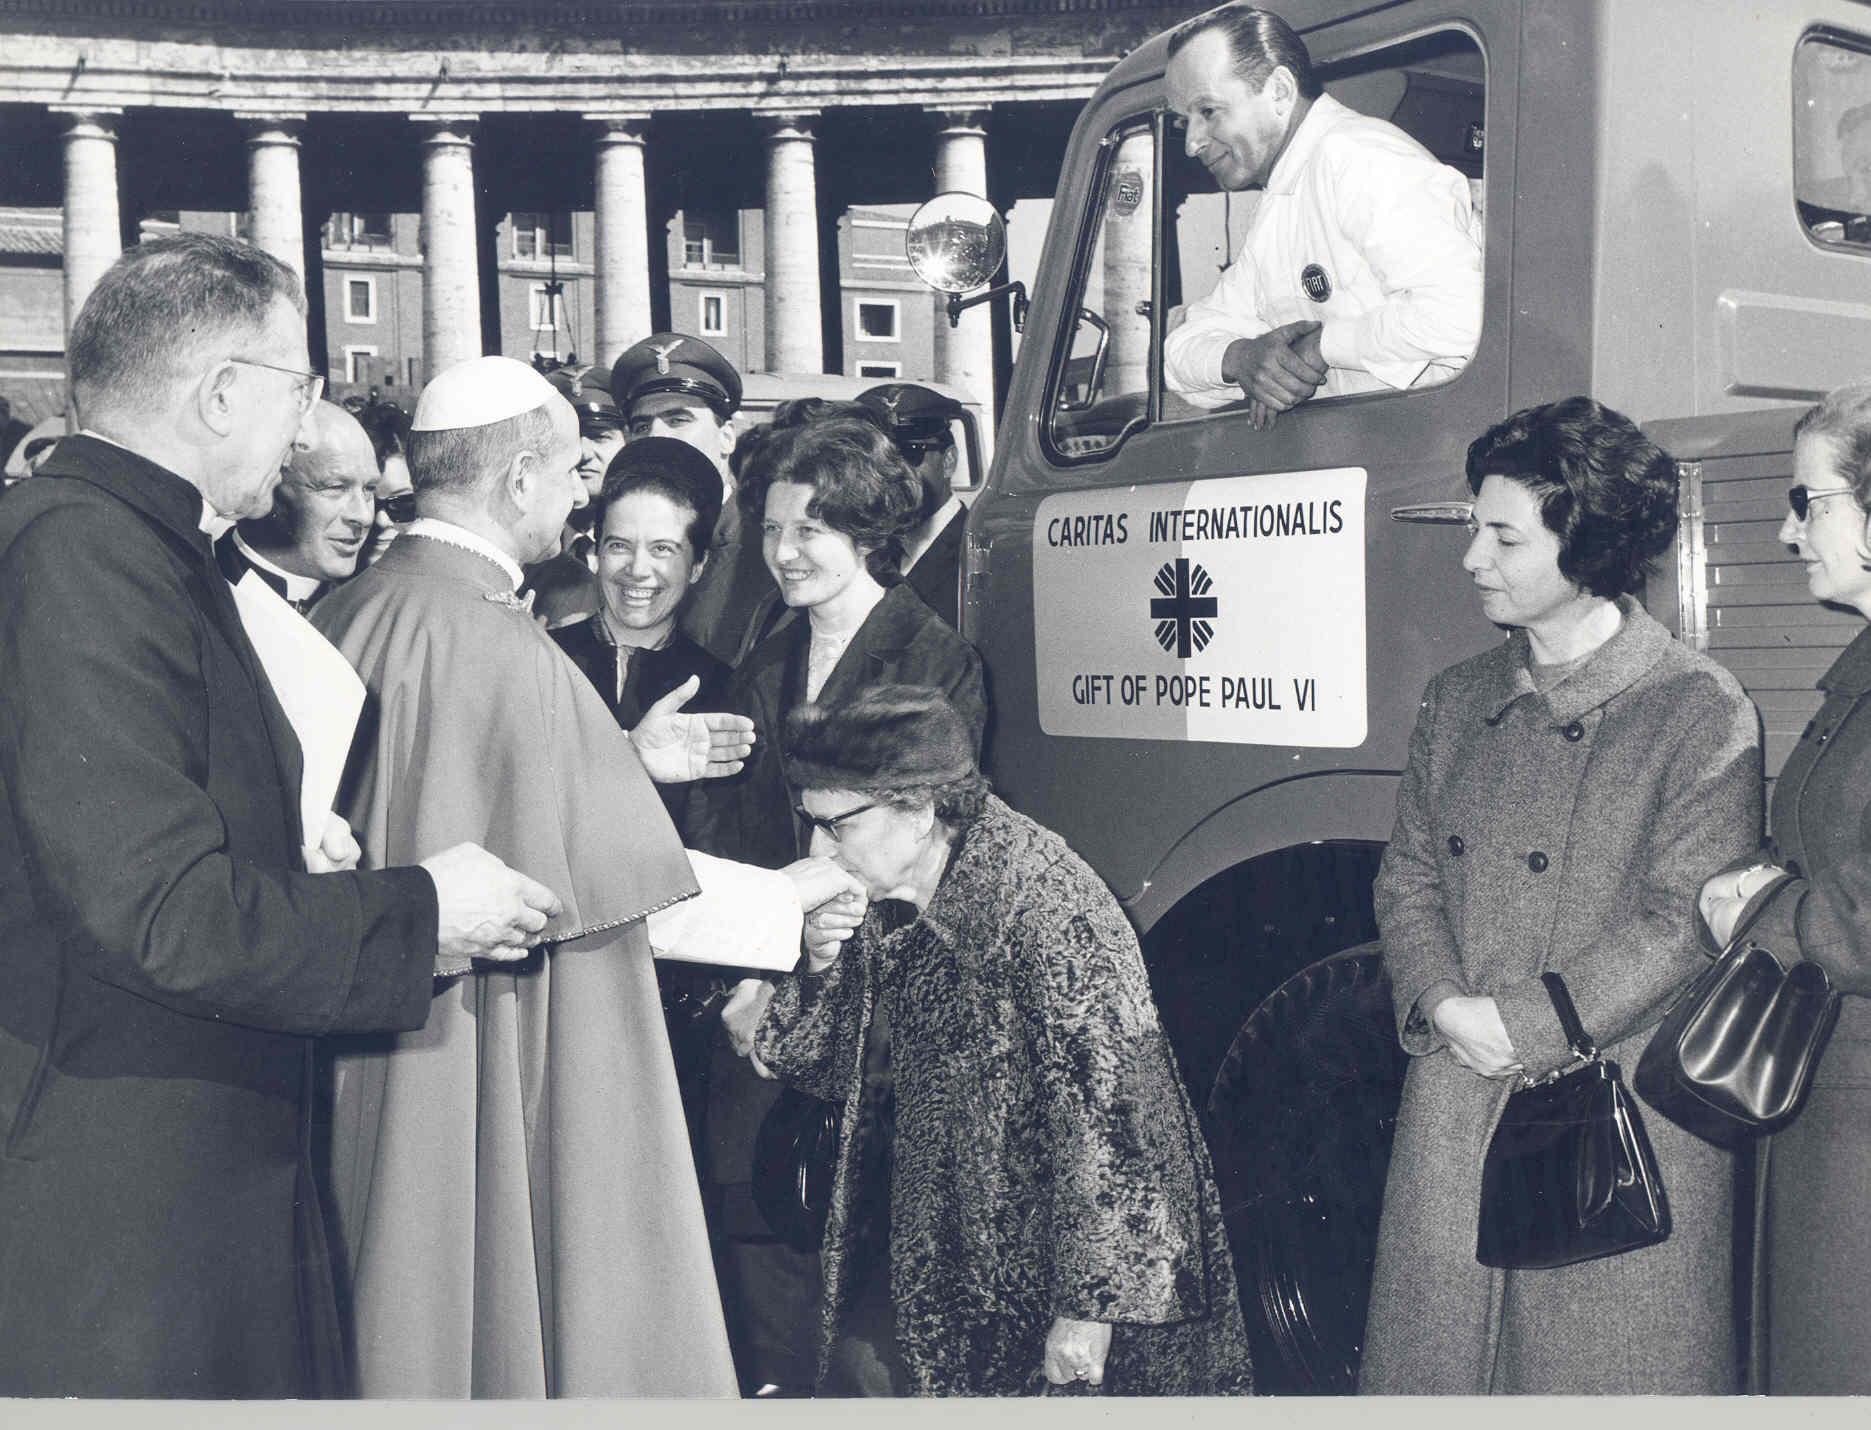 El Papa Pablo VI bendice ayuda para damnificados por inundaciones en Italia,  1966